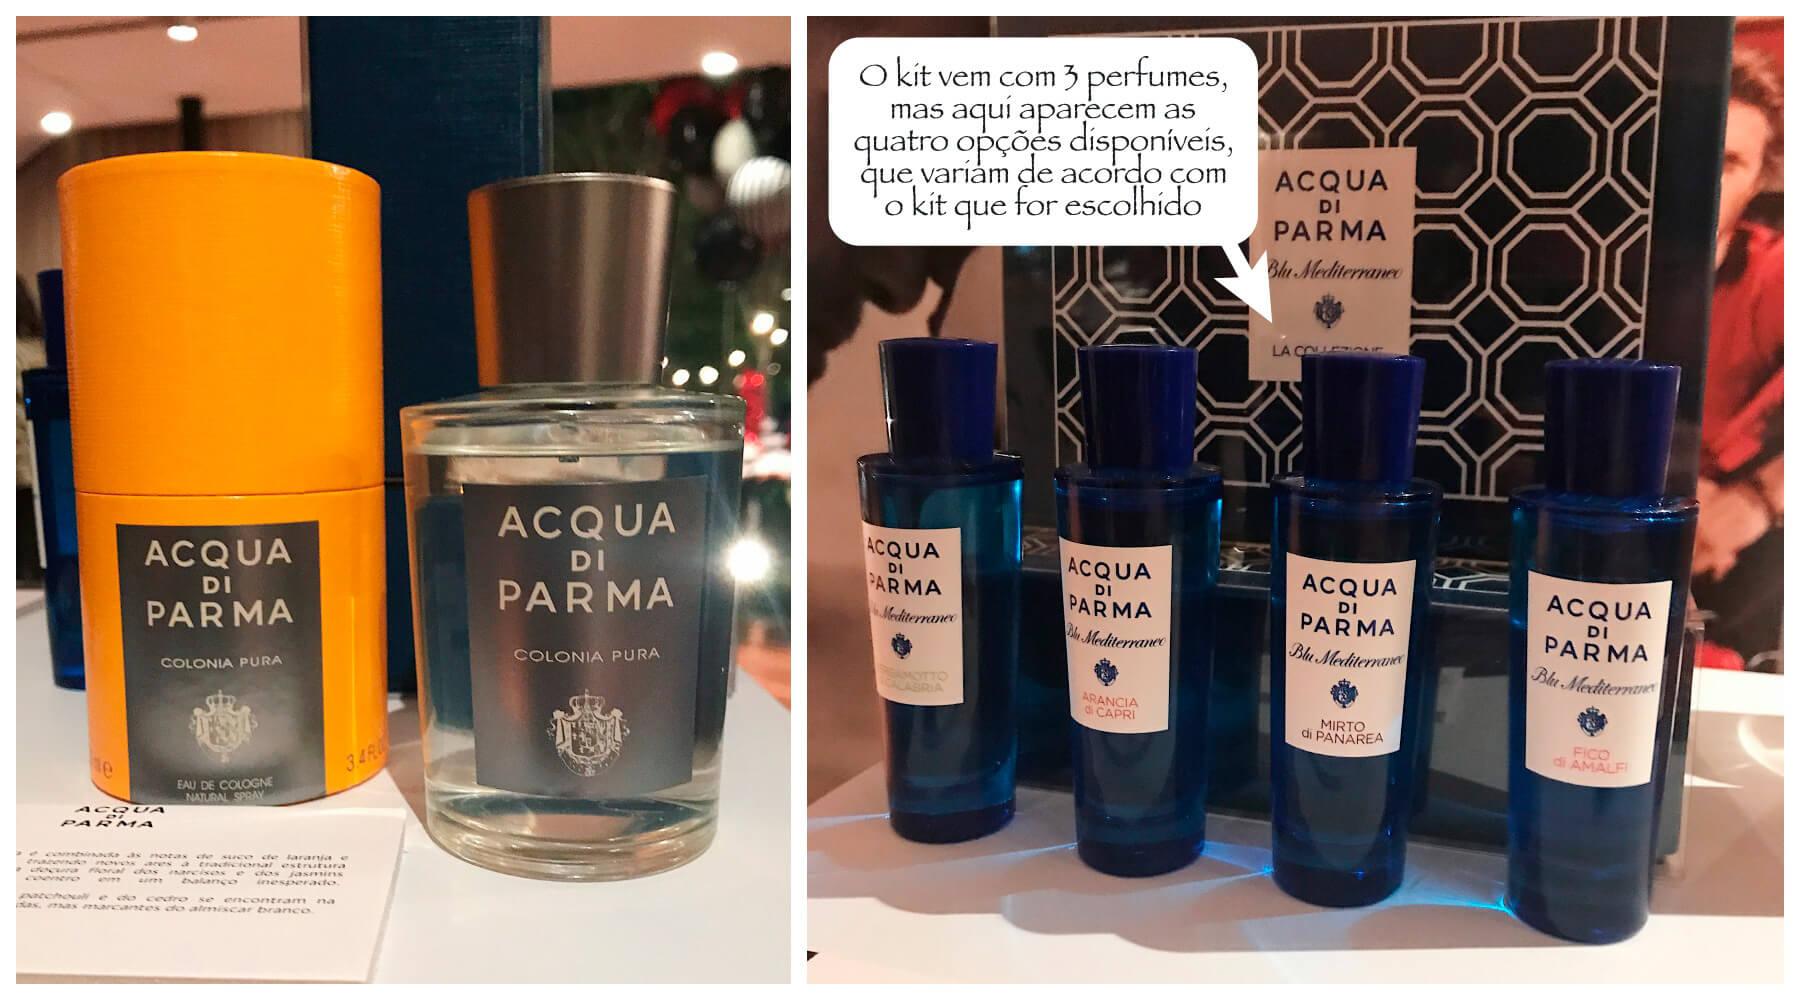 Lançamentos Sephora da Acqua Di Parma, a Colonia Pura e o kit presenteável Blu Mediterraneo La Collezione